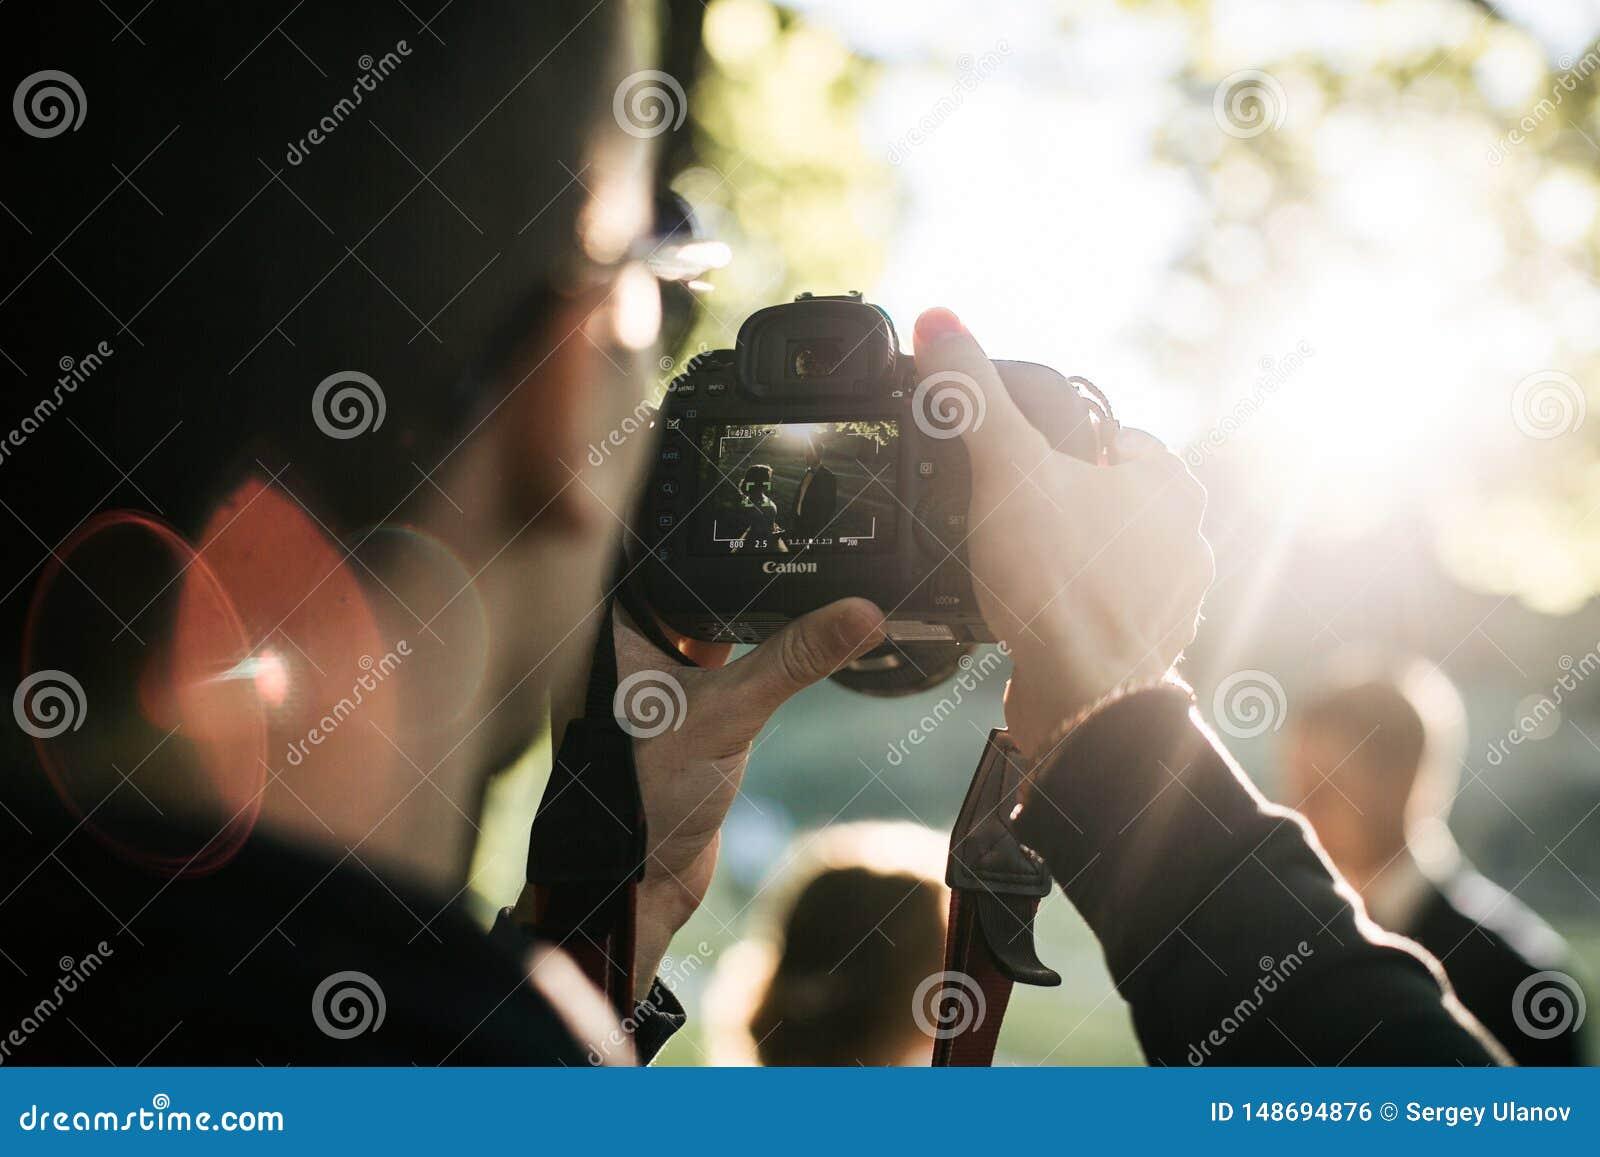 Fotograafspruiten op Canon-camera in de zomer